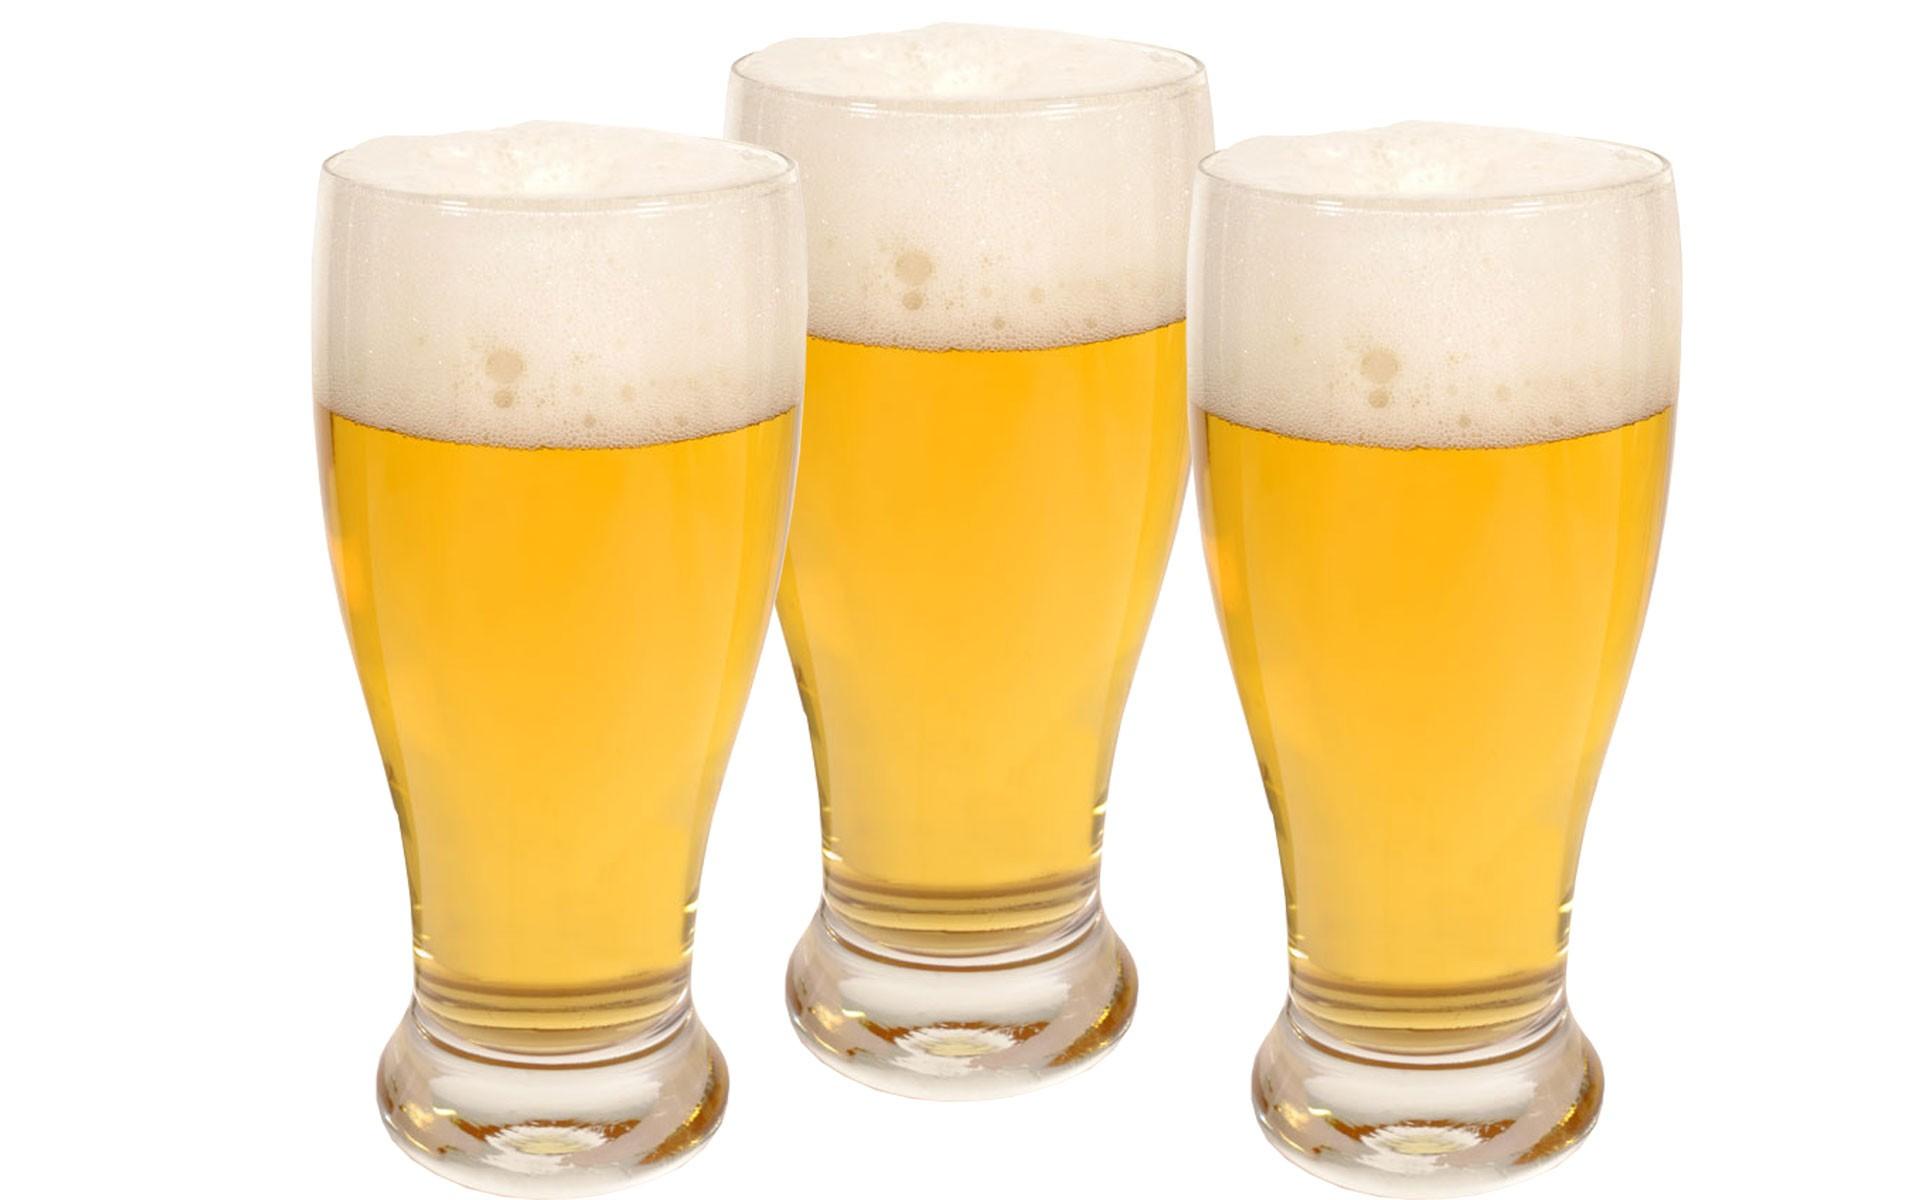 Cerveza 33 ml x3